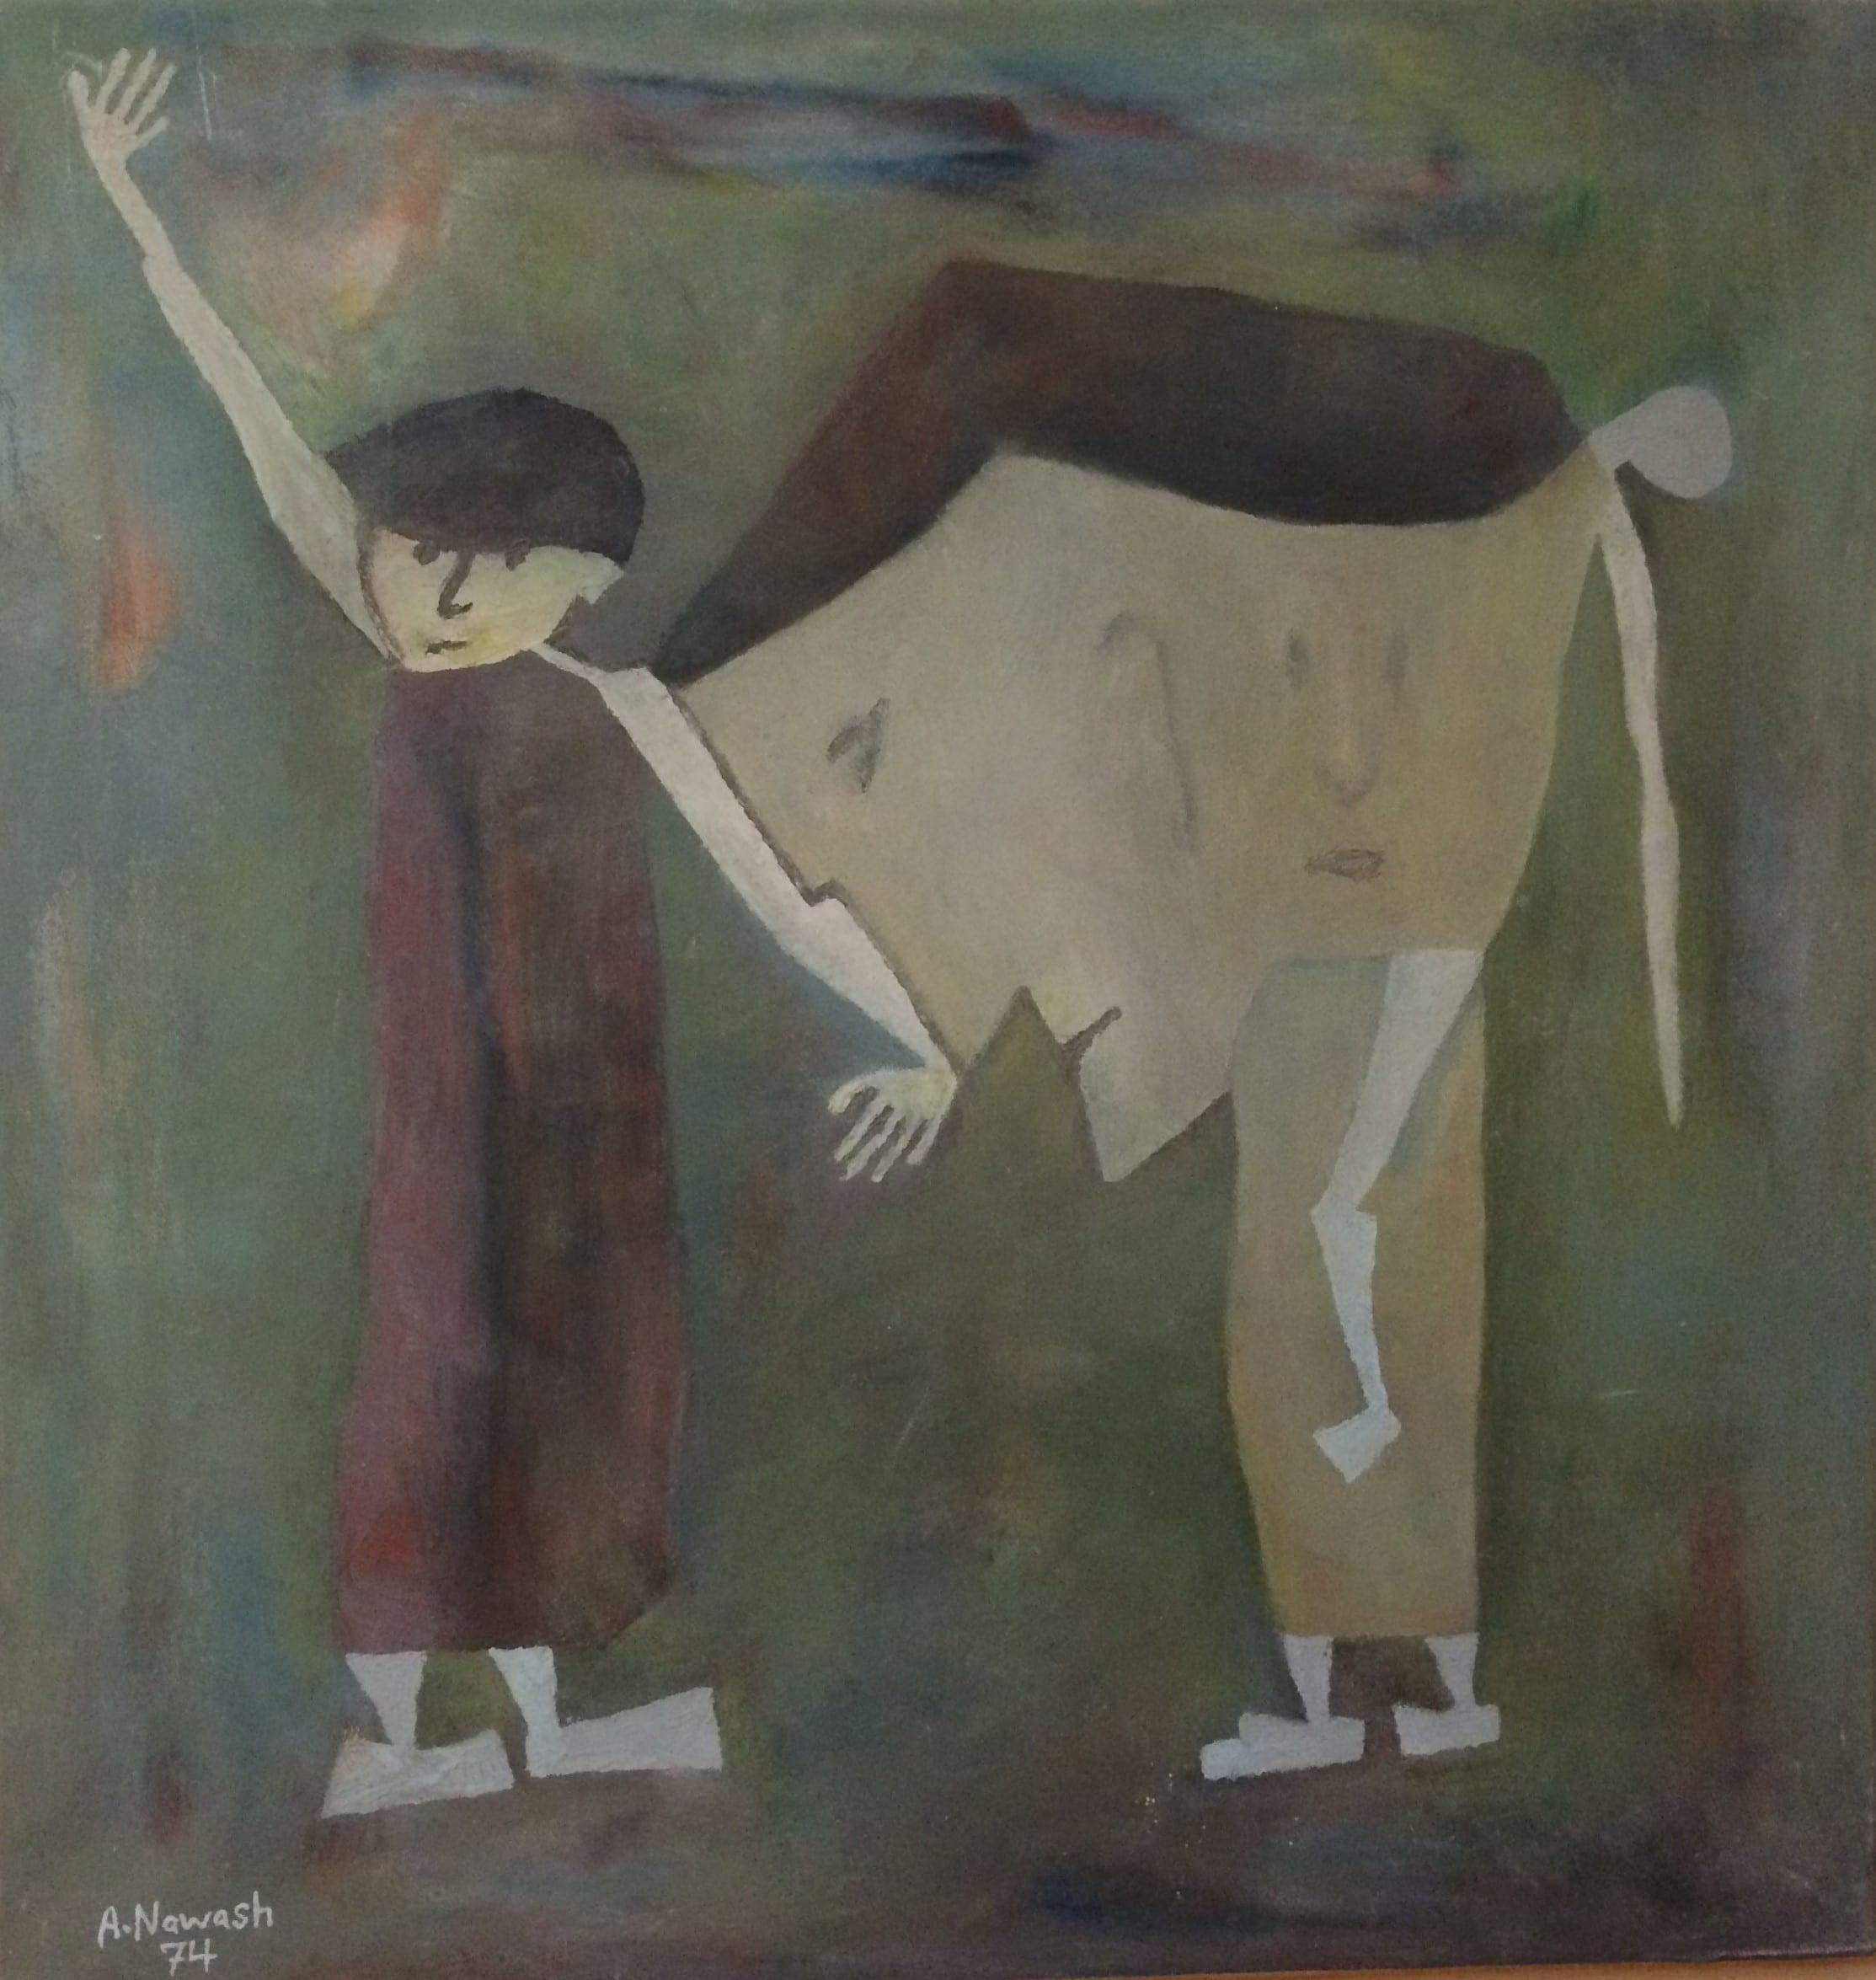 Ahmad Nawash, Oil on Canvas, 1974, Rajol Al moroor, 56.5x59.5 cm